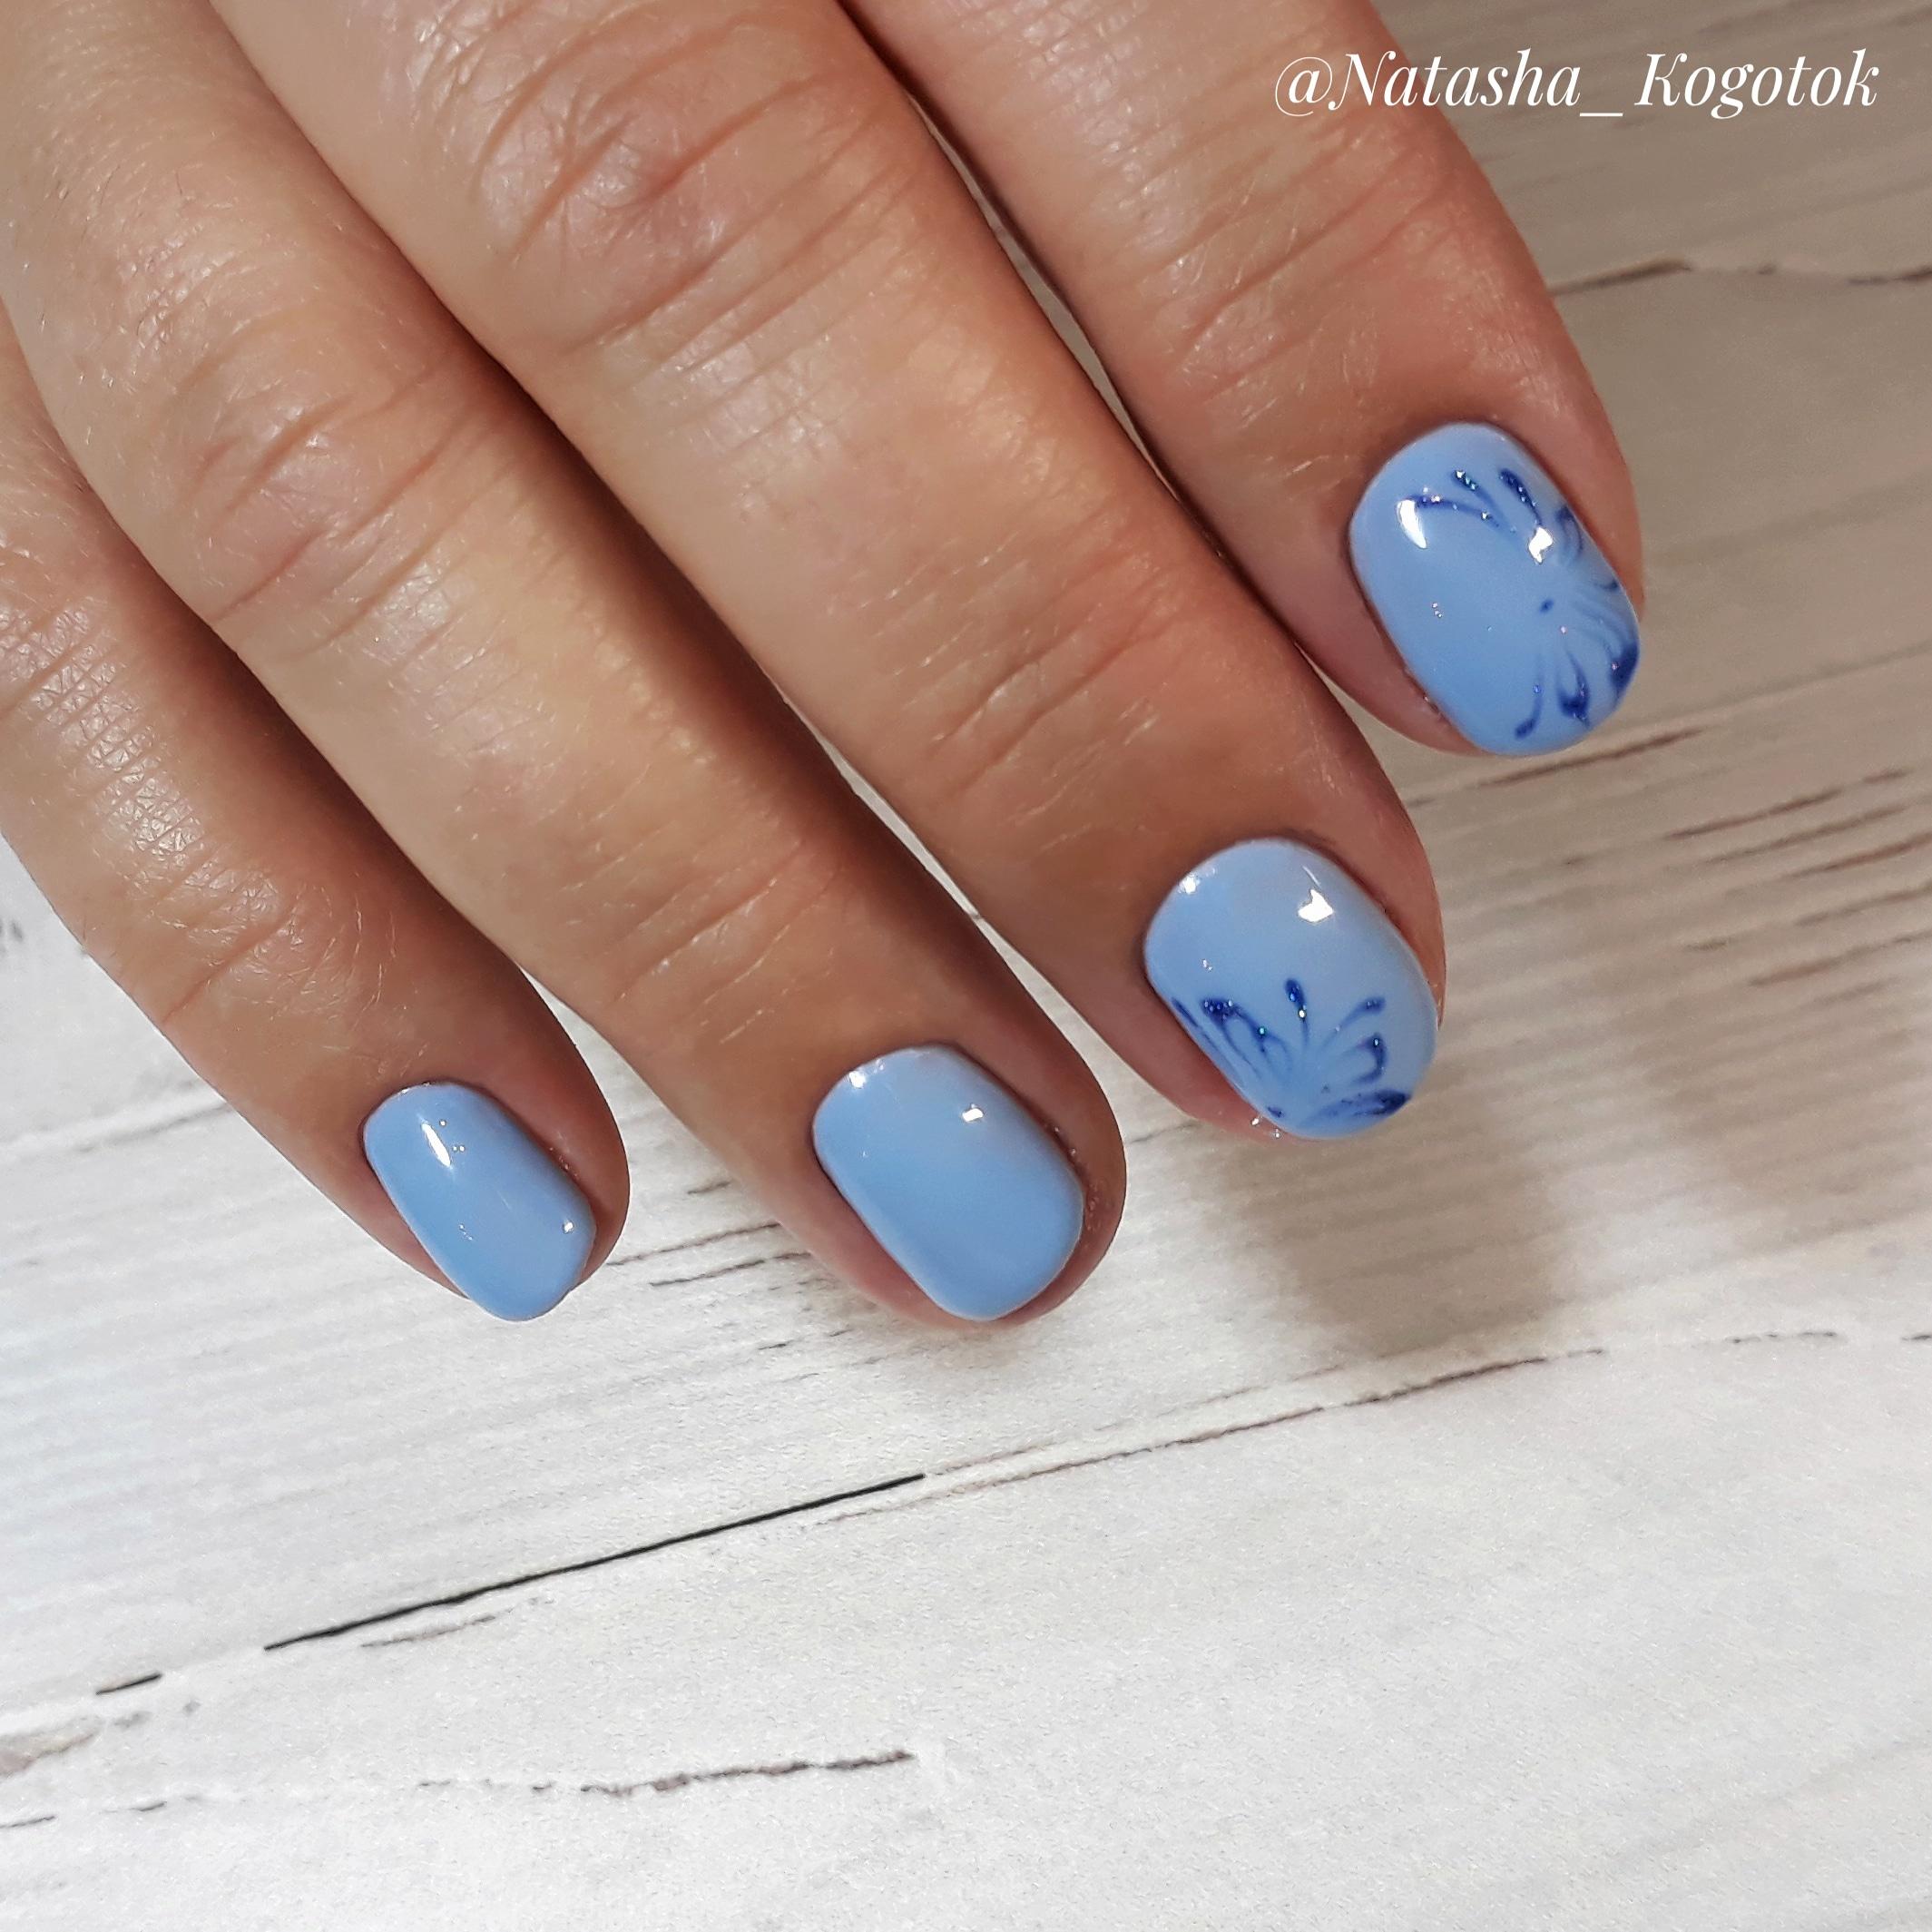 Маникюр с рисунком в голубом цвете на короткие ногти.